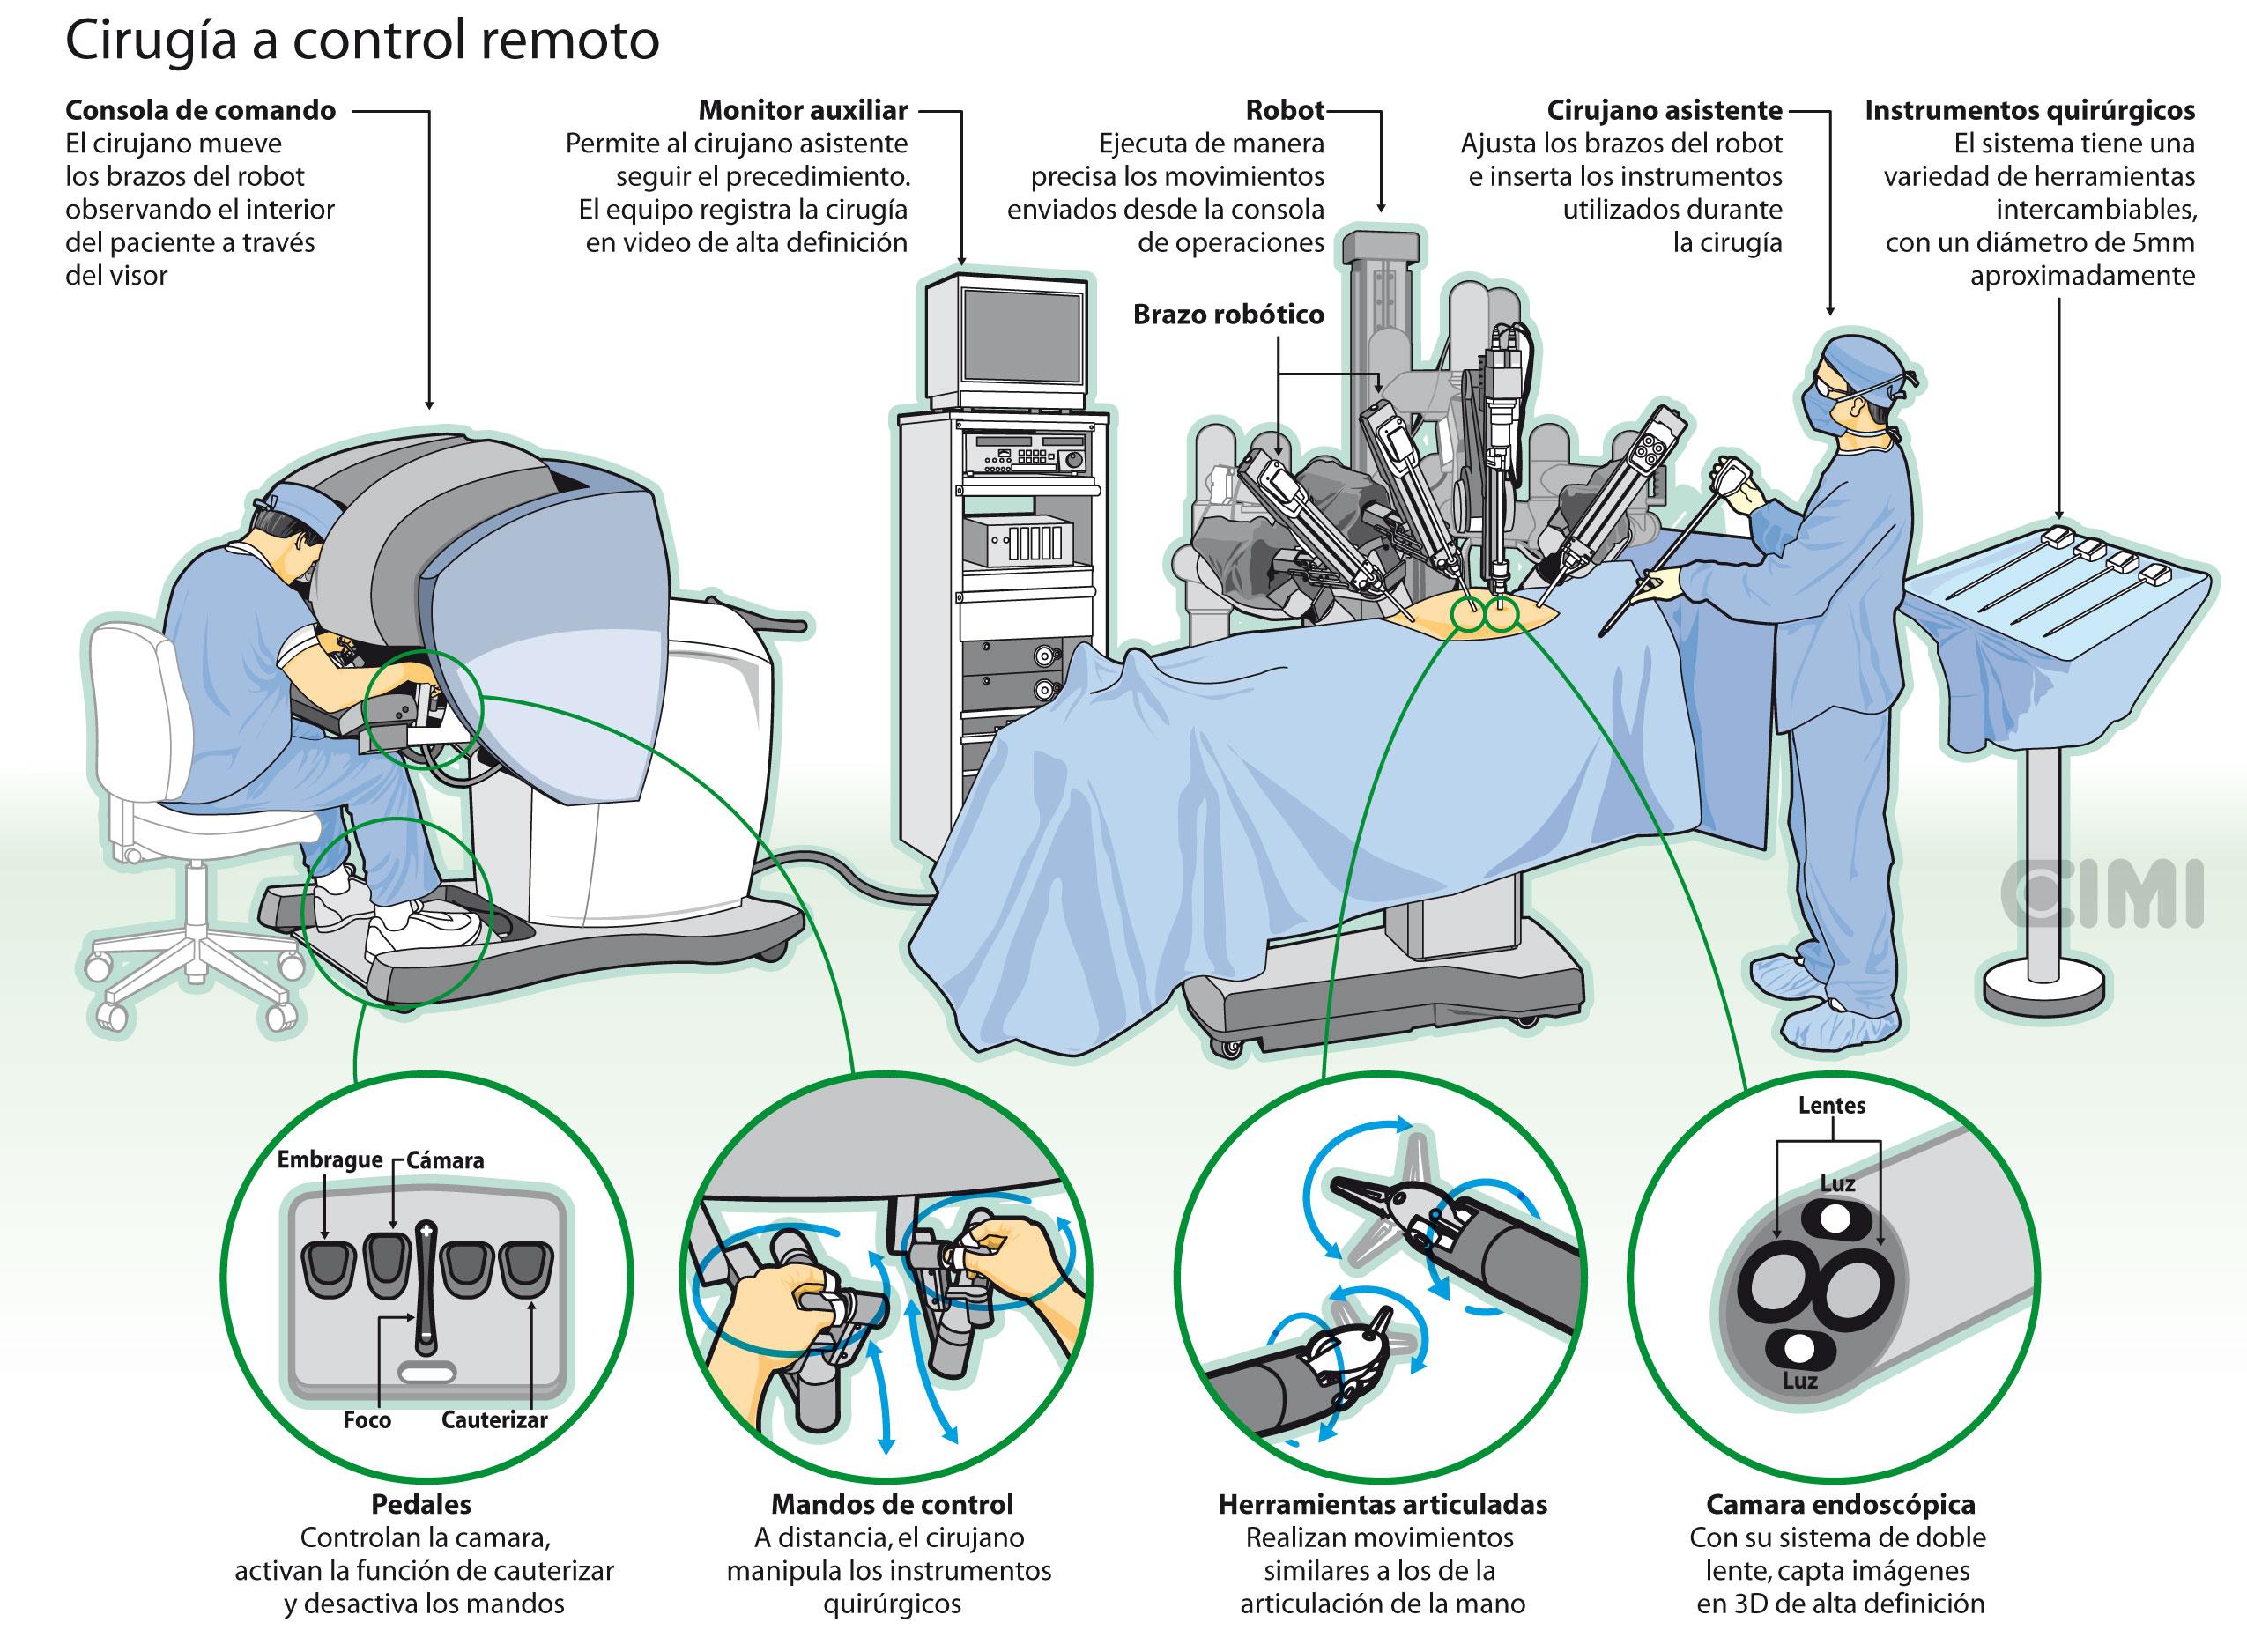 Cirugía a control remoto